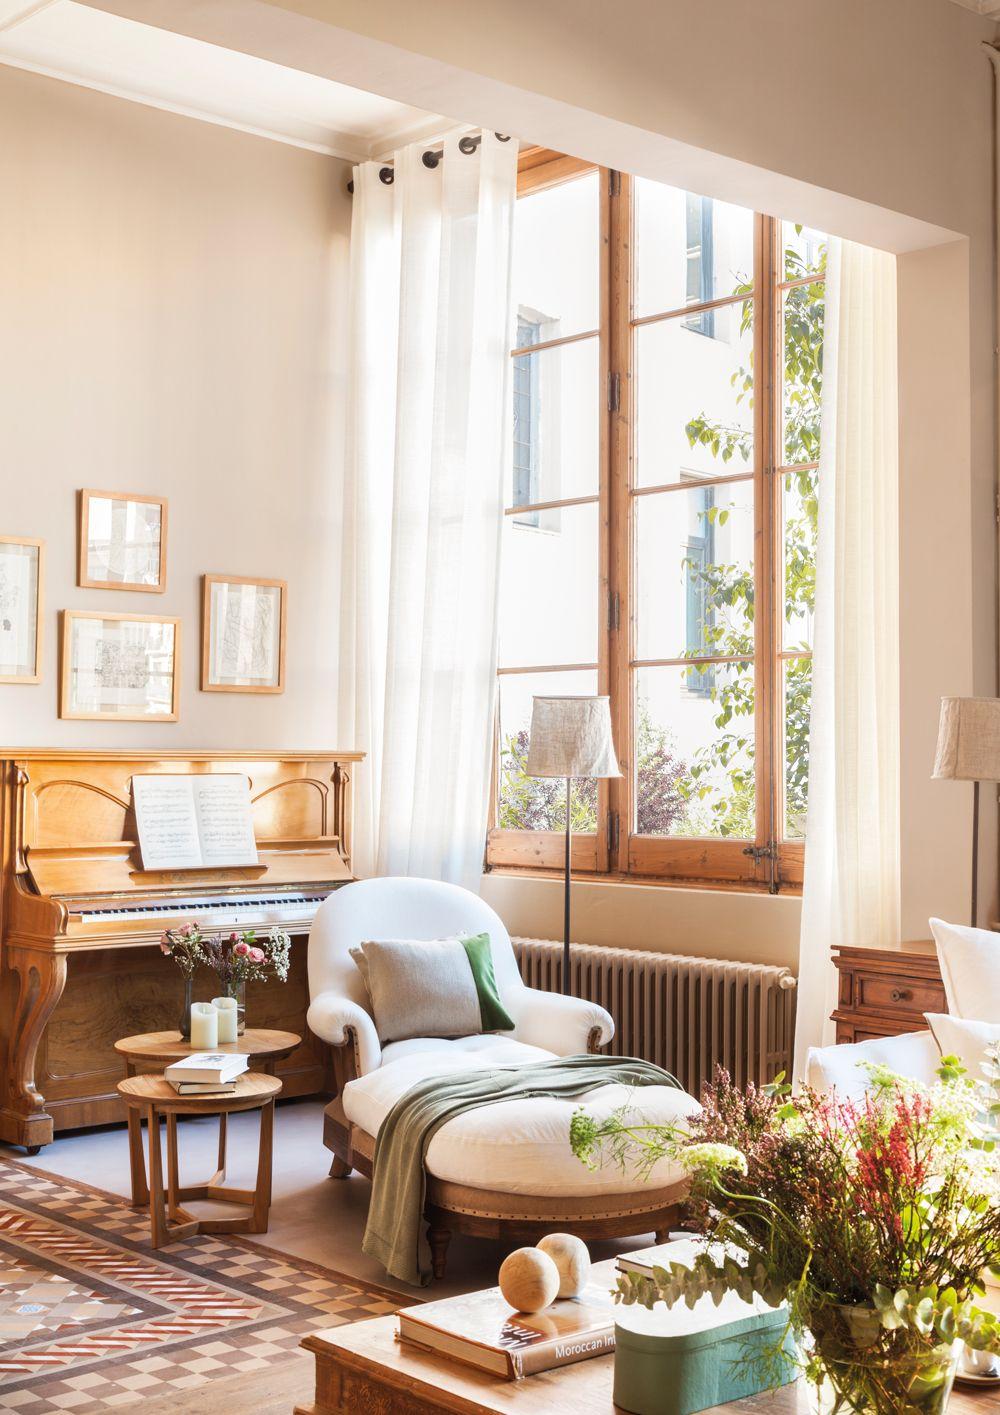 Sal n con chaise longue mesitas auxiliares l mpara de pie piano y gran ventanal de madera - Mesitas auxiliares de salon ...